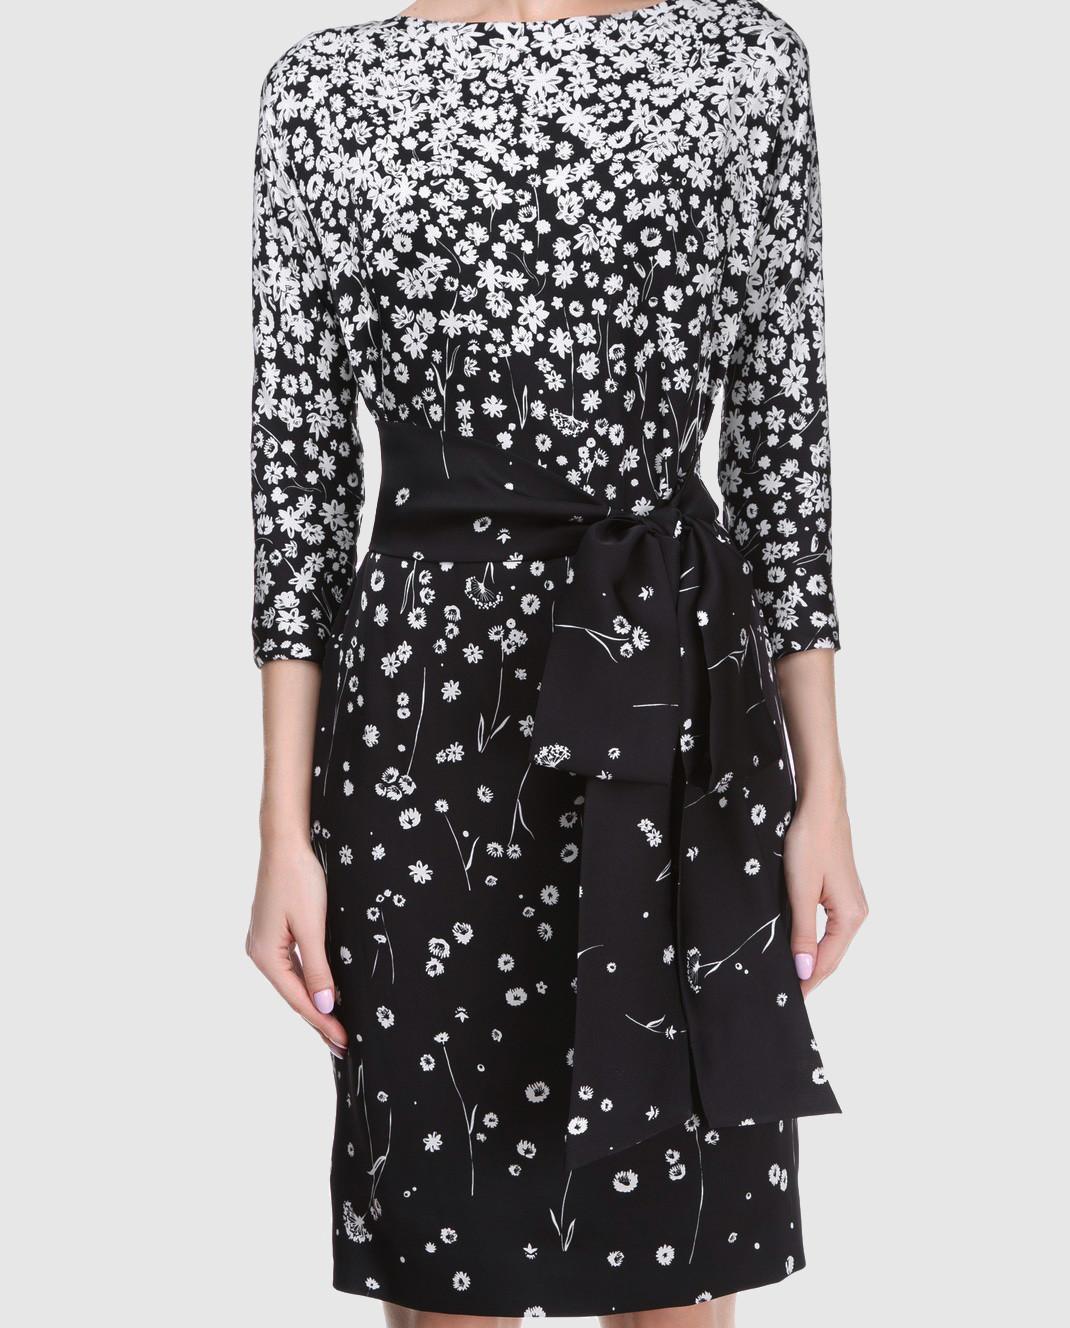 Alexander Terekhov Черное платье из шелка D123 изображение 3